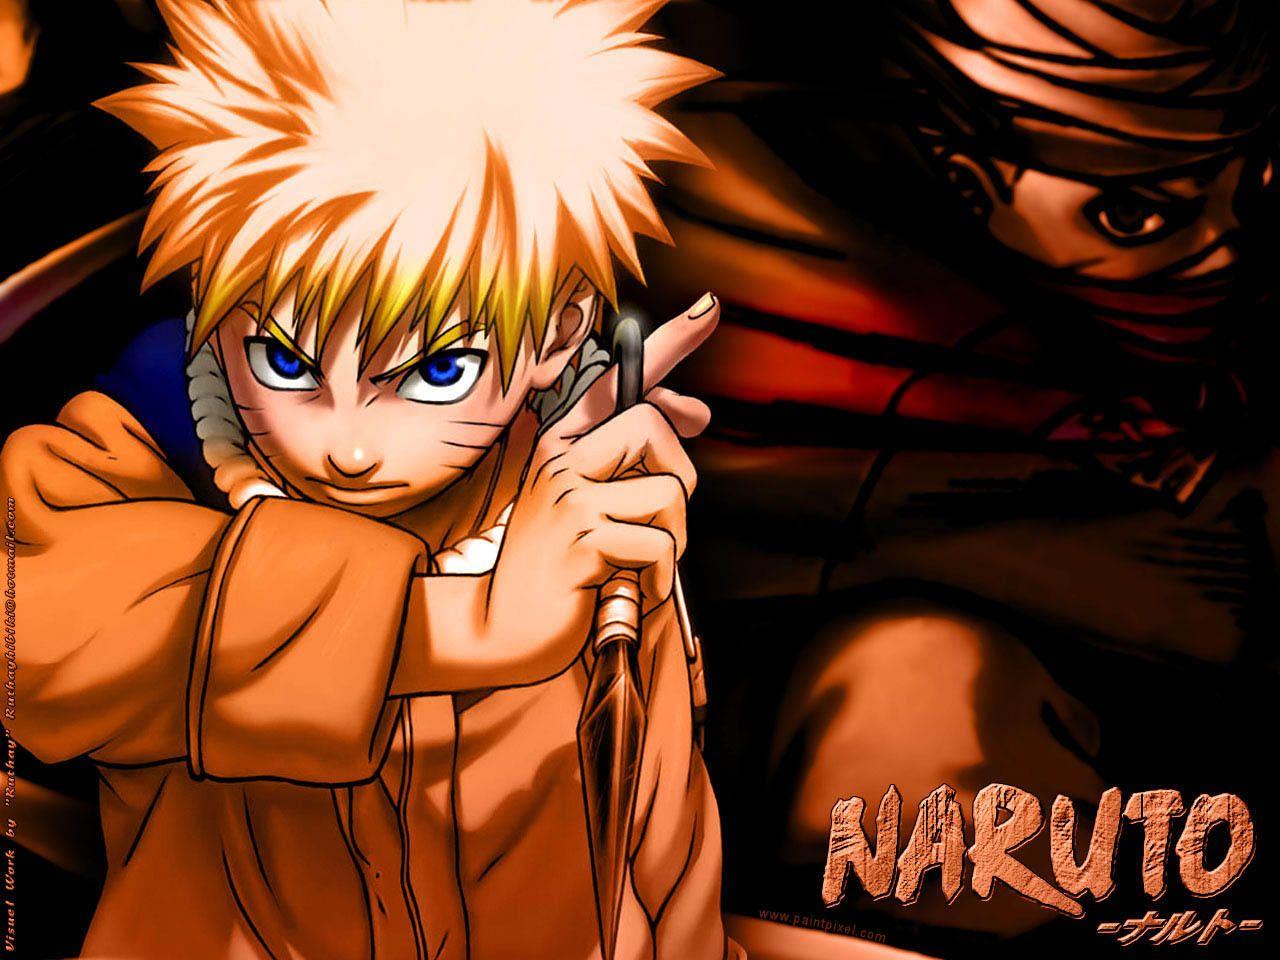 Naruto Uzumaki Hd Wallpapers Backgrounds Wallpaper Wallpaper Naruto Naruto Uzumaki Naruto